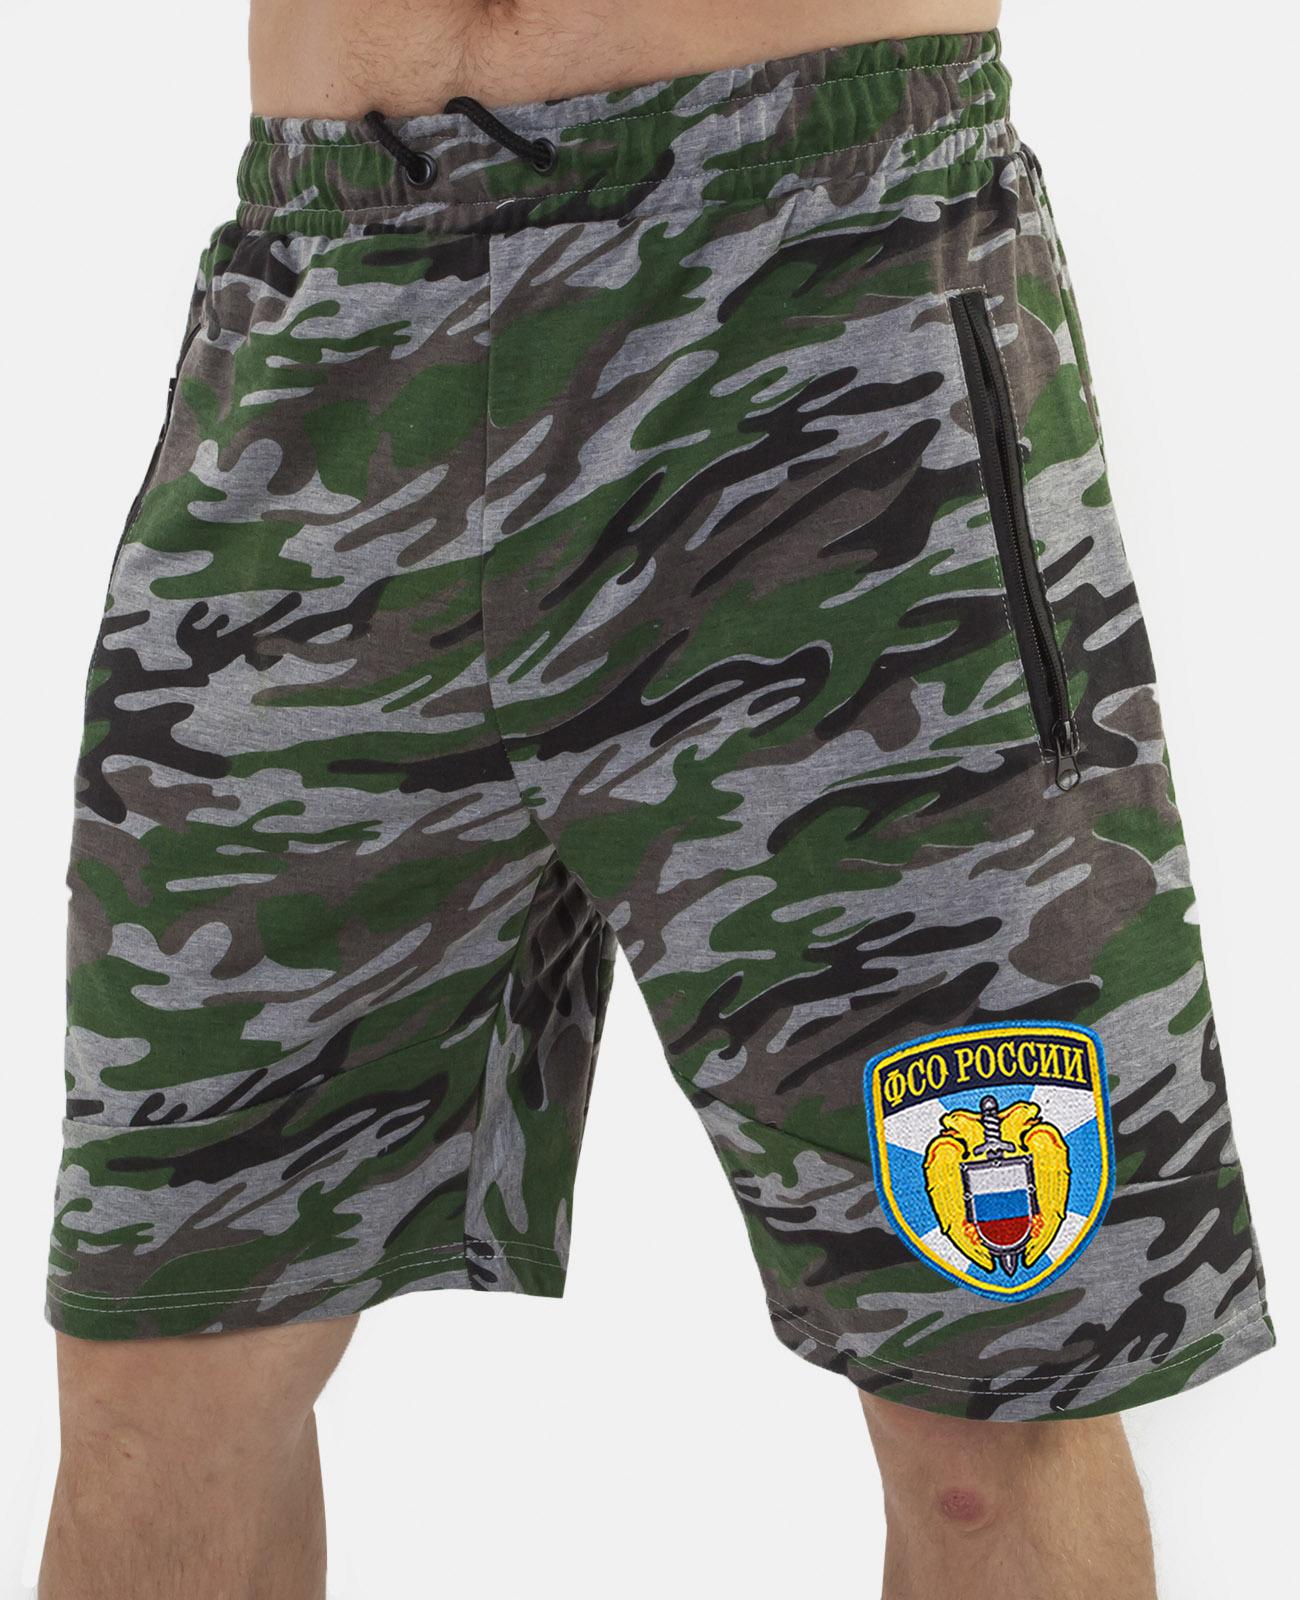 Купить зачетные мужские шорты нашивкой ФСО по экономичной цене